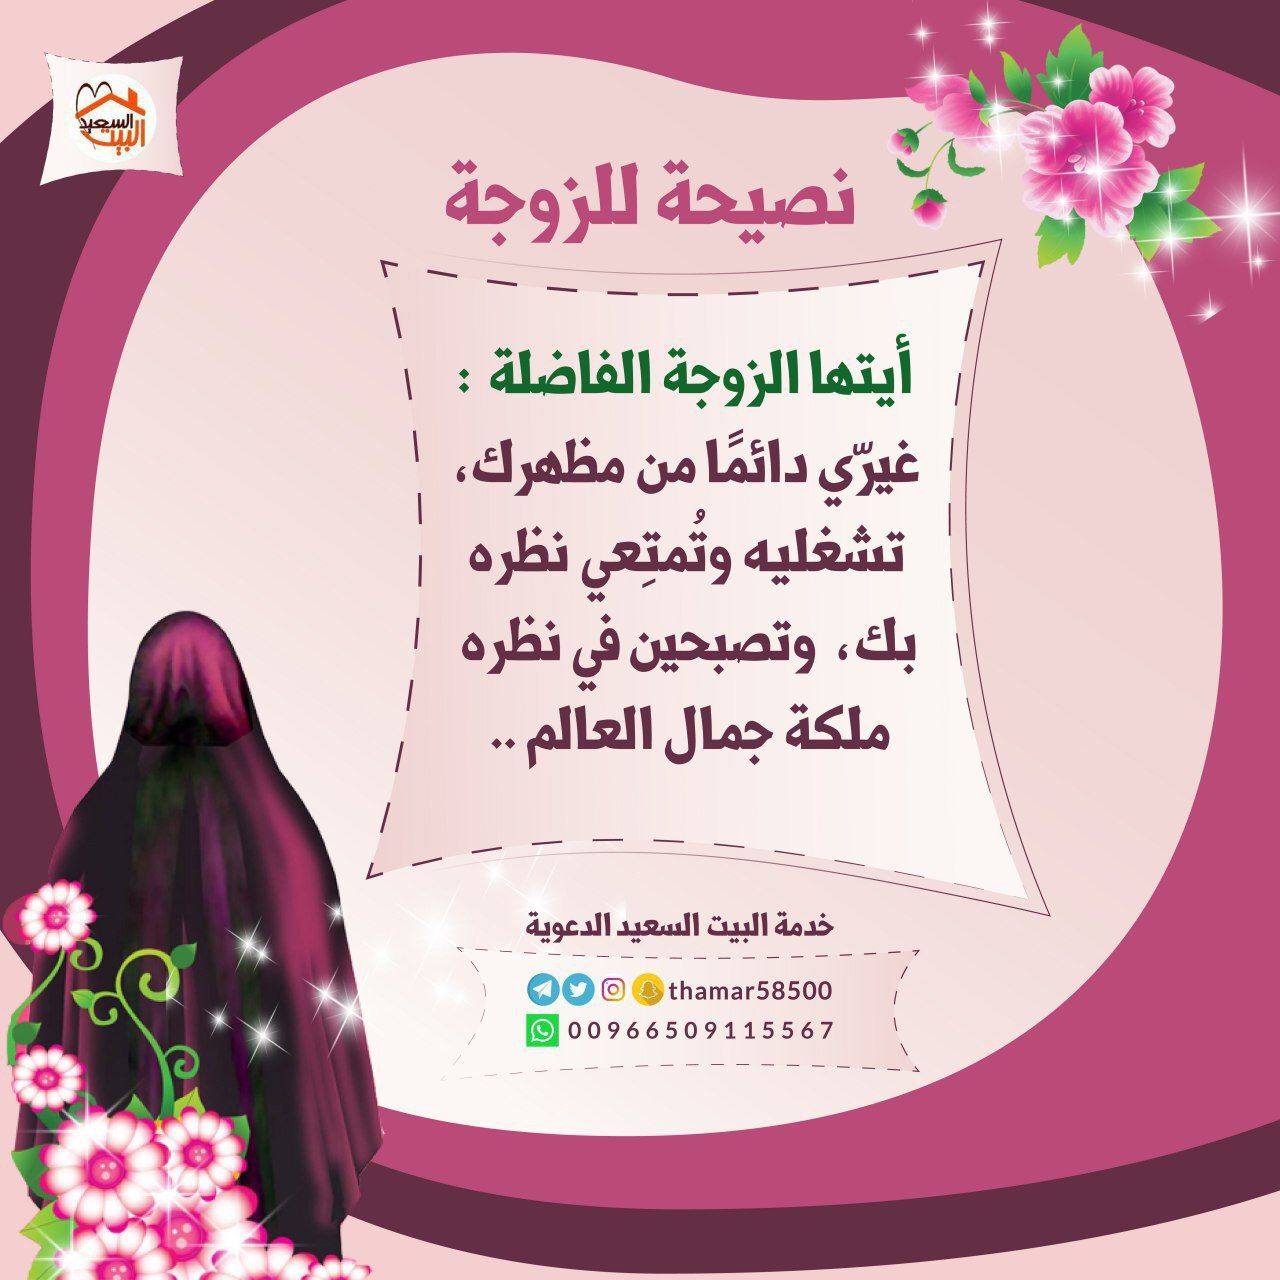 الزوجة الصالحة تعمل دائما على أن يأنس منها زوجها Img_2120